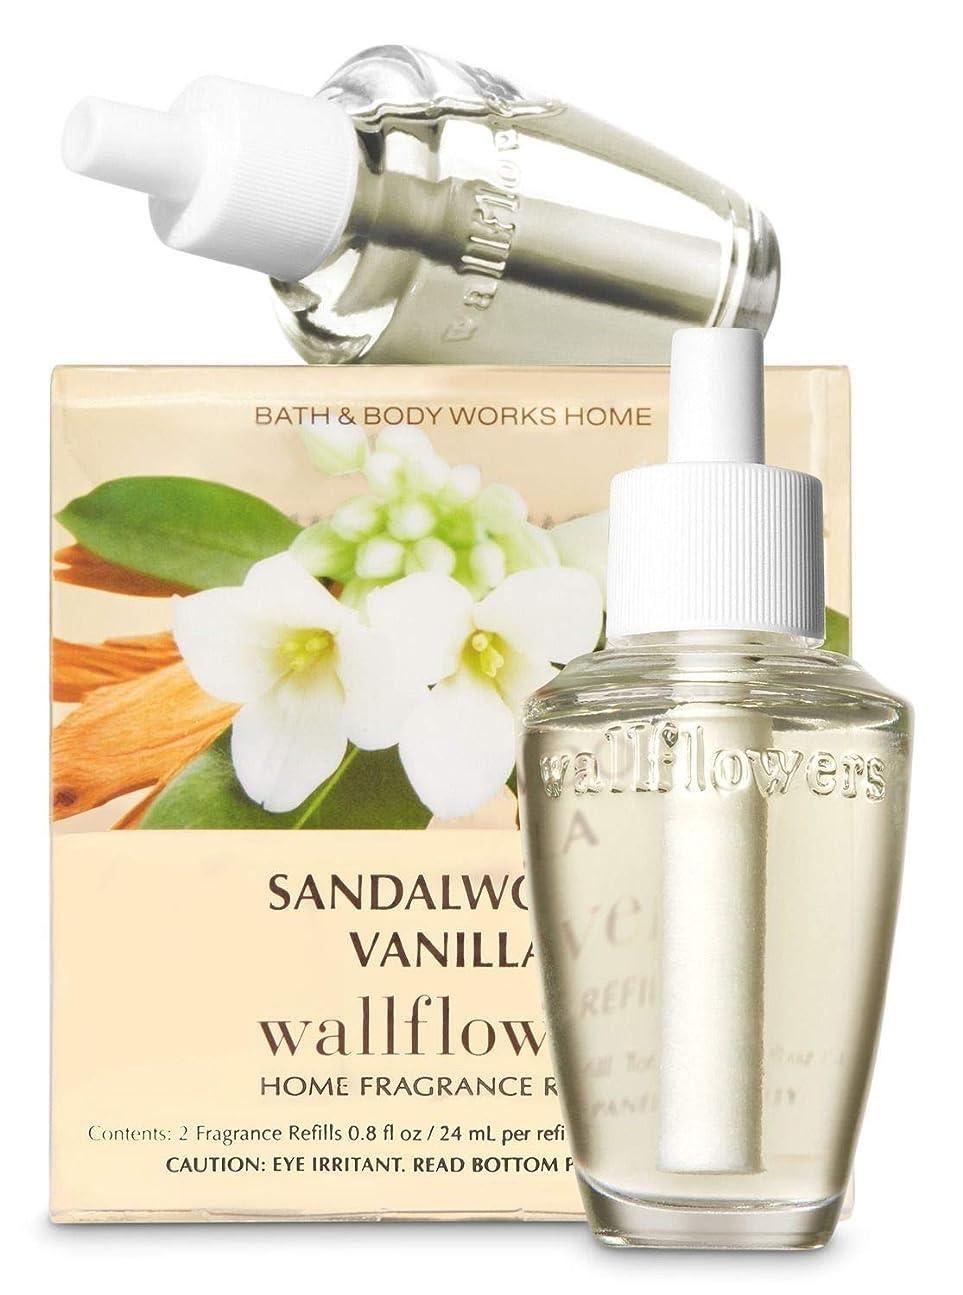 マダムカフェテリア奪う【Bath&Body Works/バス&ボディワークス】 ルームフレグランス 詰替えリフィル(2個入り) サンダルウッドバニラ Wallflowers Home Fragrance 2-Pack Refills Sandalwood Vanilla [並行輸入品]